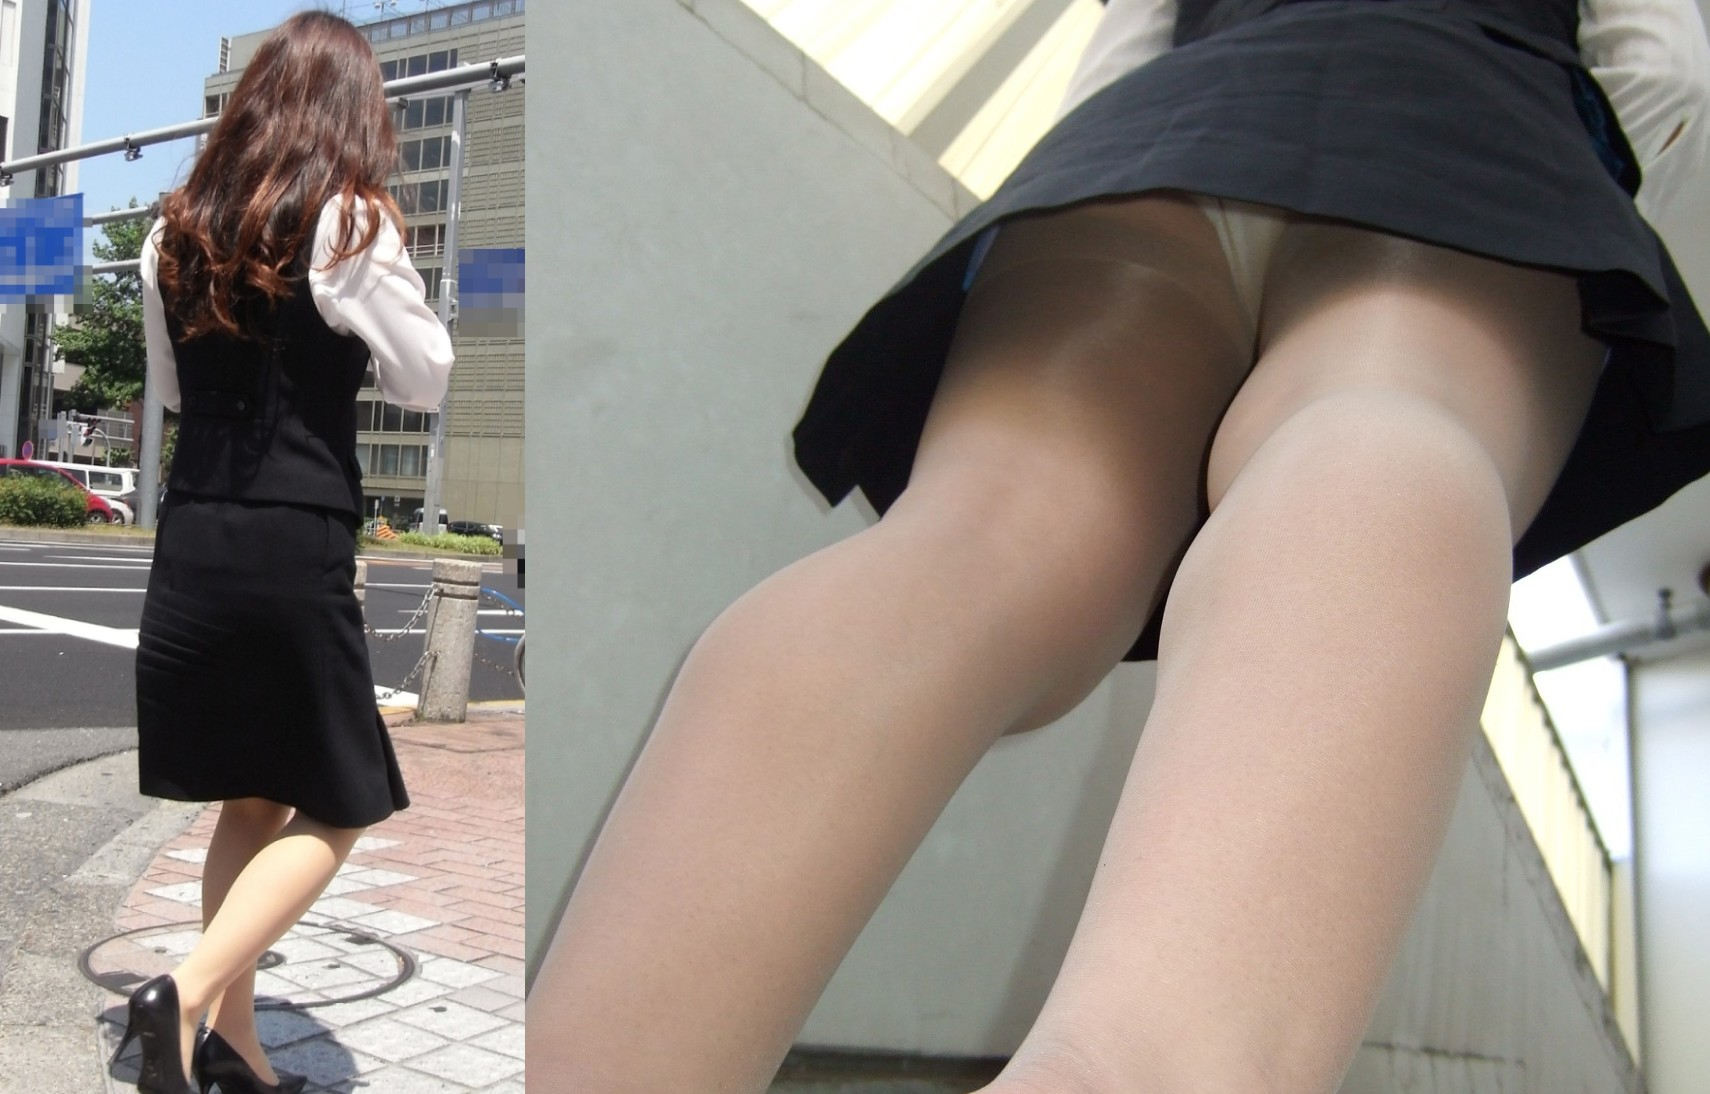 【OLパンチラエロ画像】窓際でも同僚の下着が覗けるなわ悪くもない?働く女性のパンチラ(*´Д`)